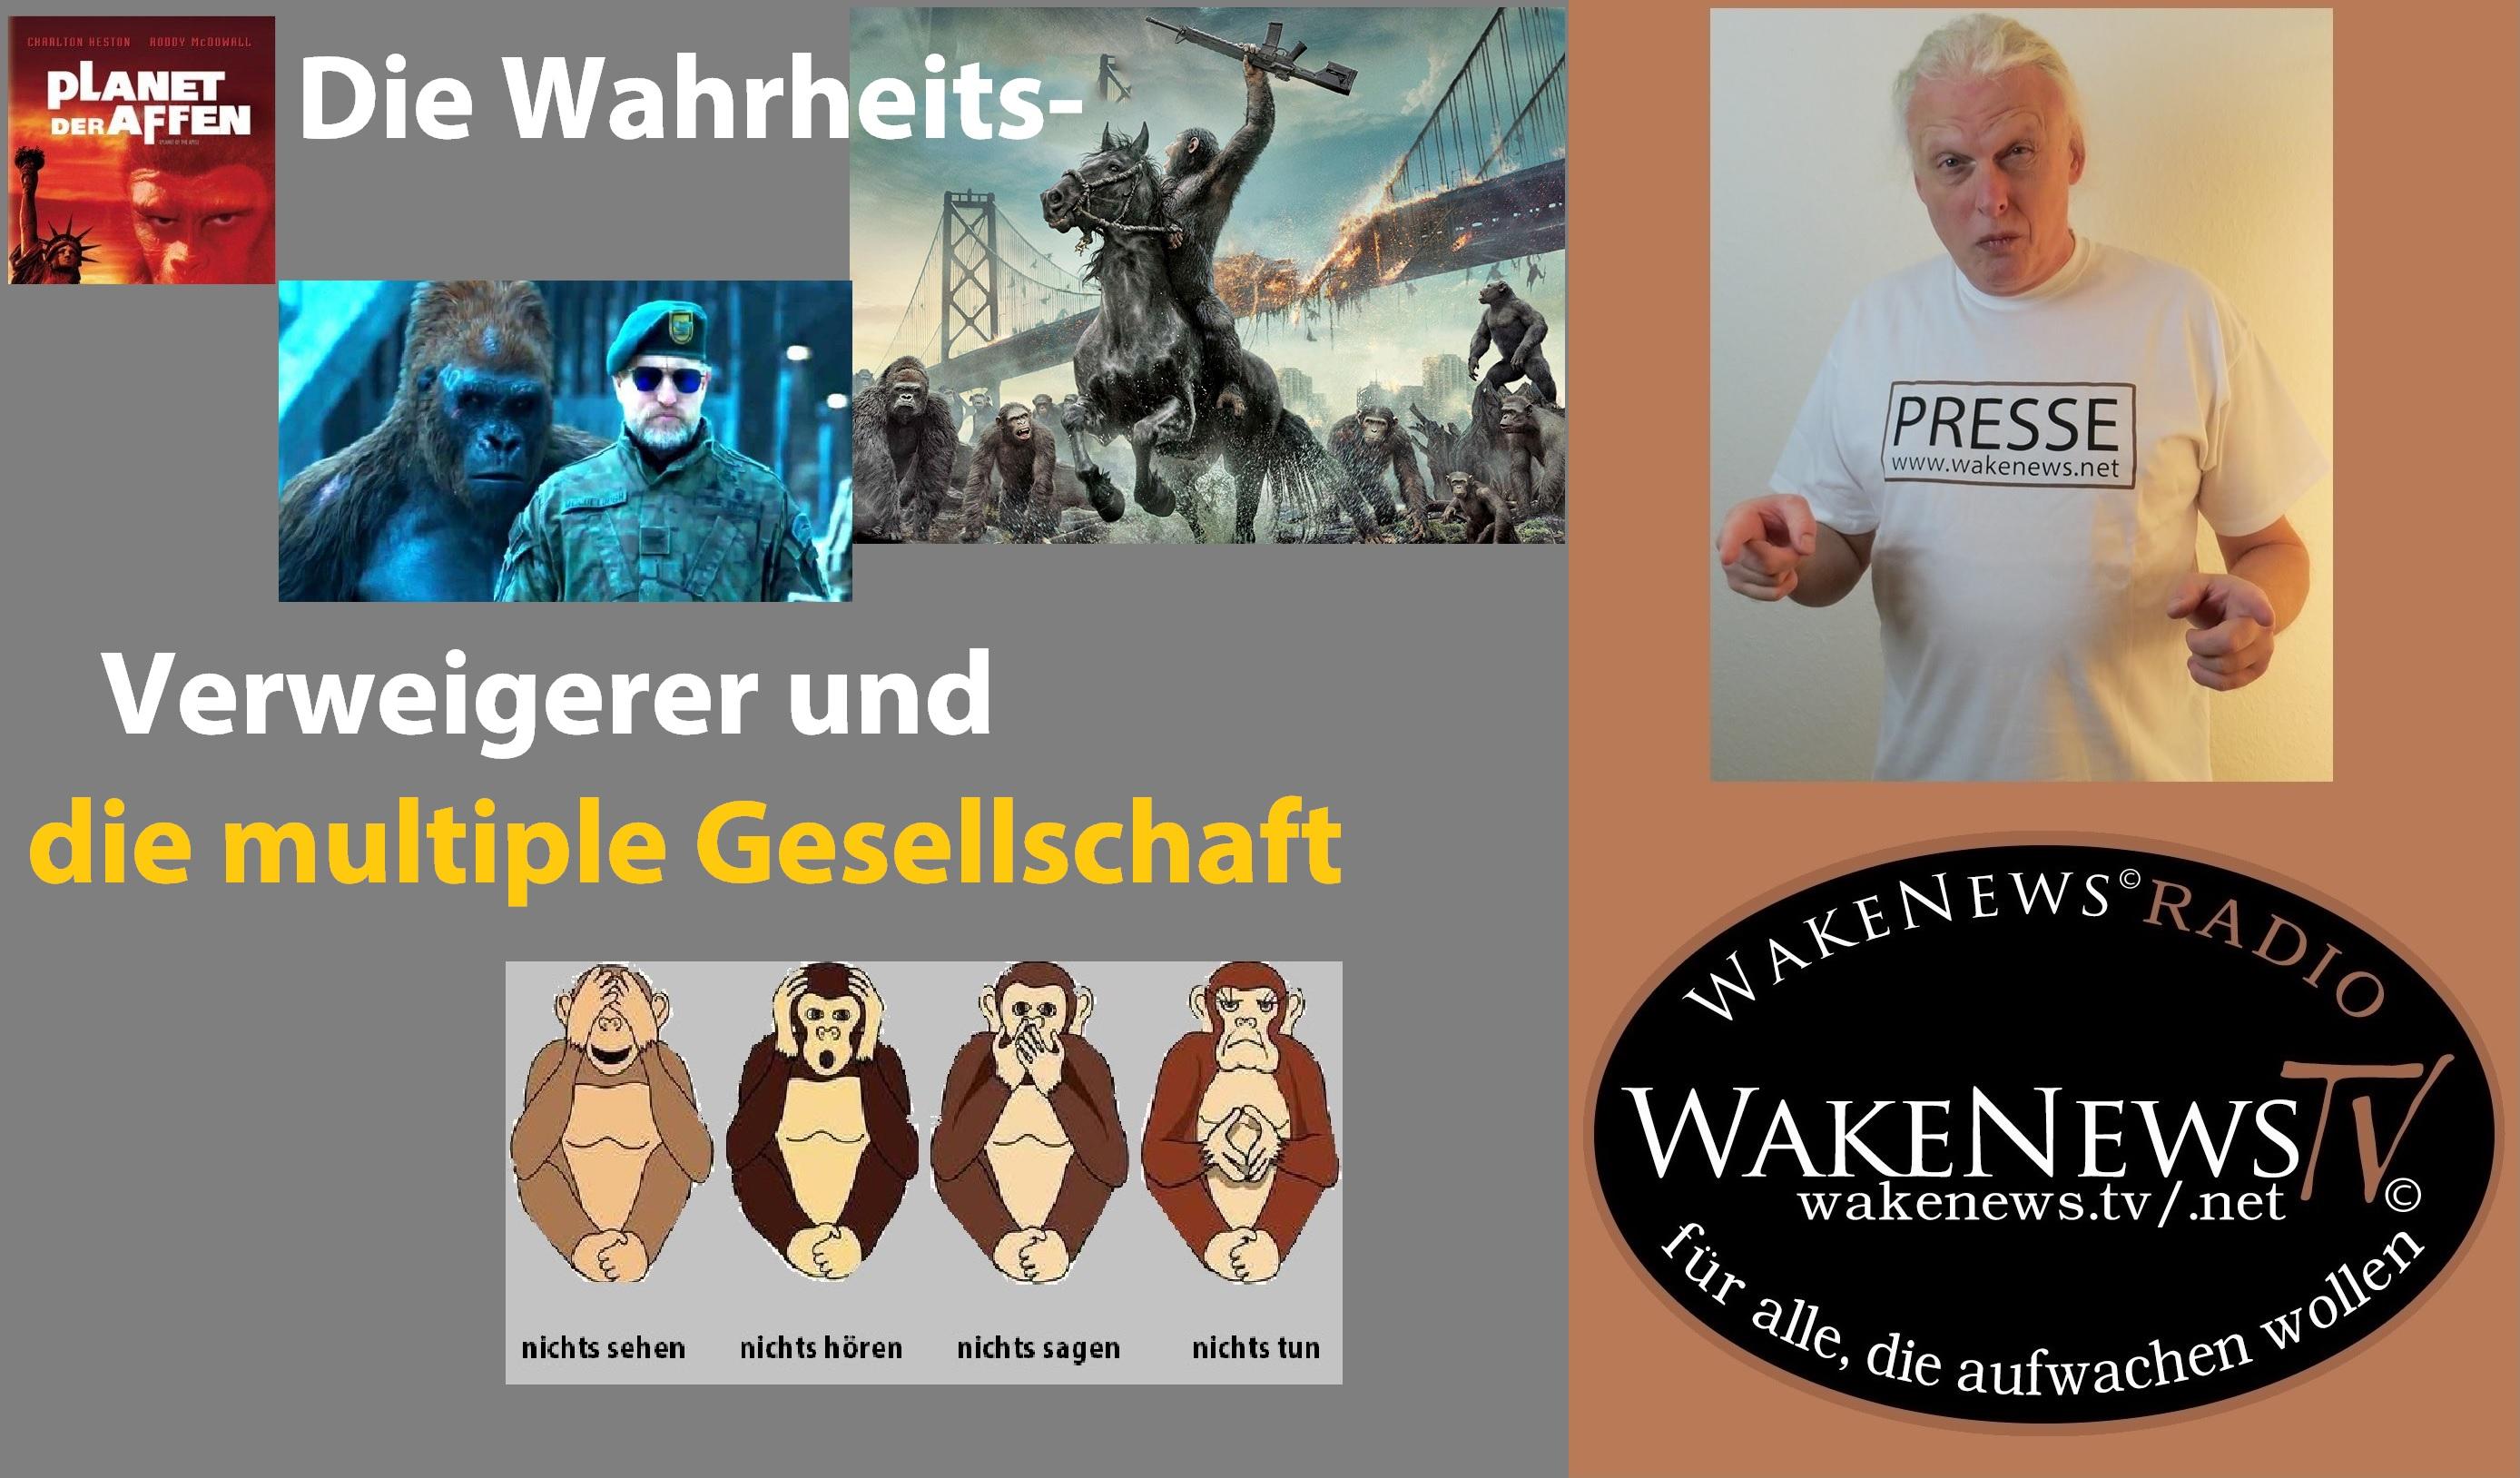 Die Wahrheits Verweigerer und multiple Gesellschaft – Wake News Radio TV